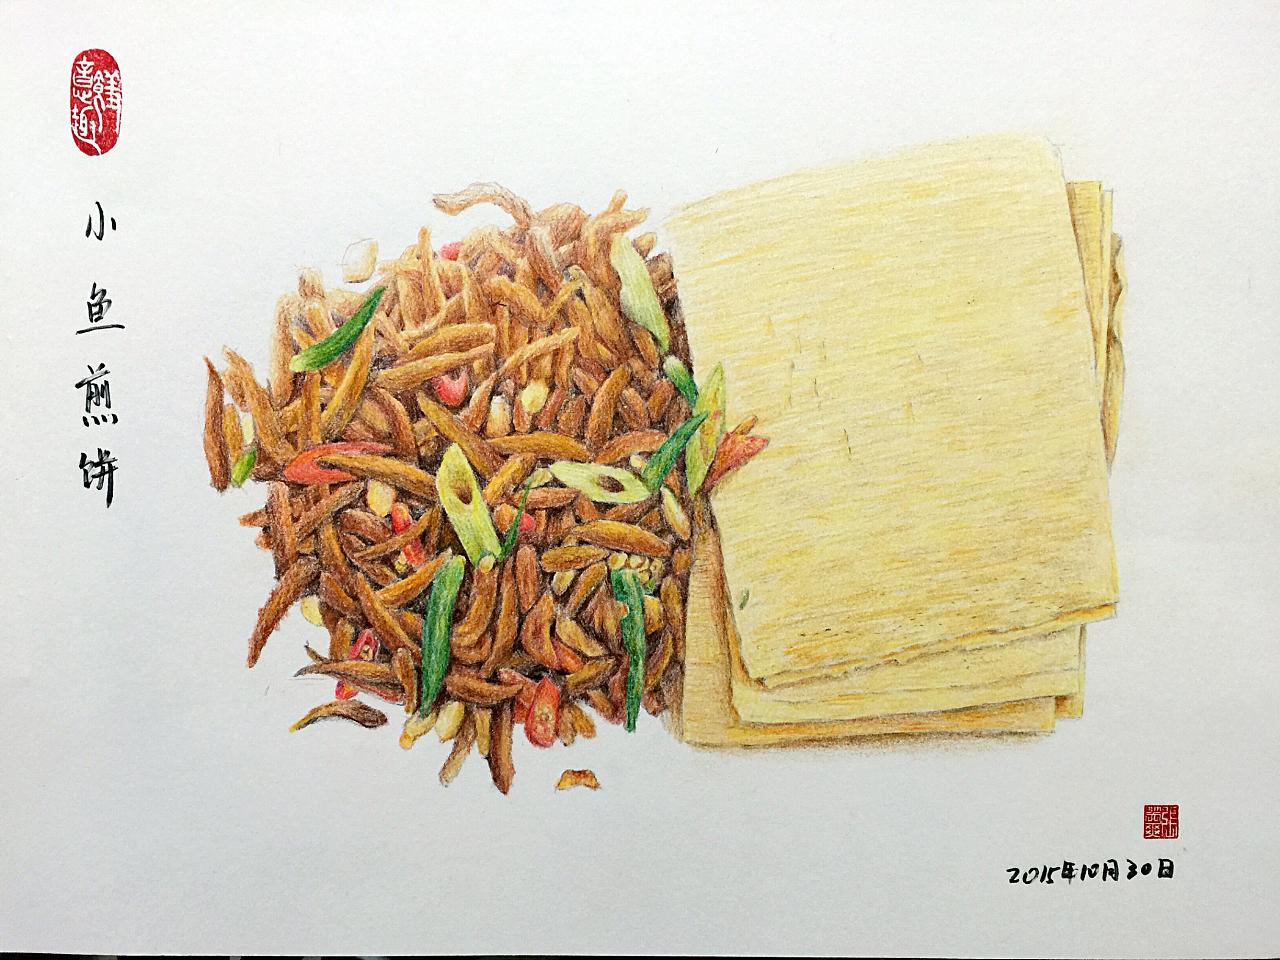 彩铅手绘小吃系列